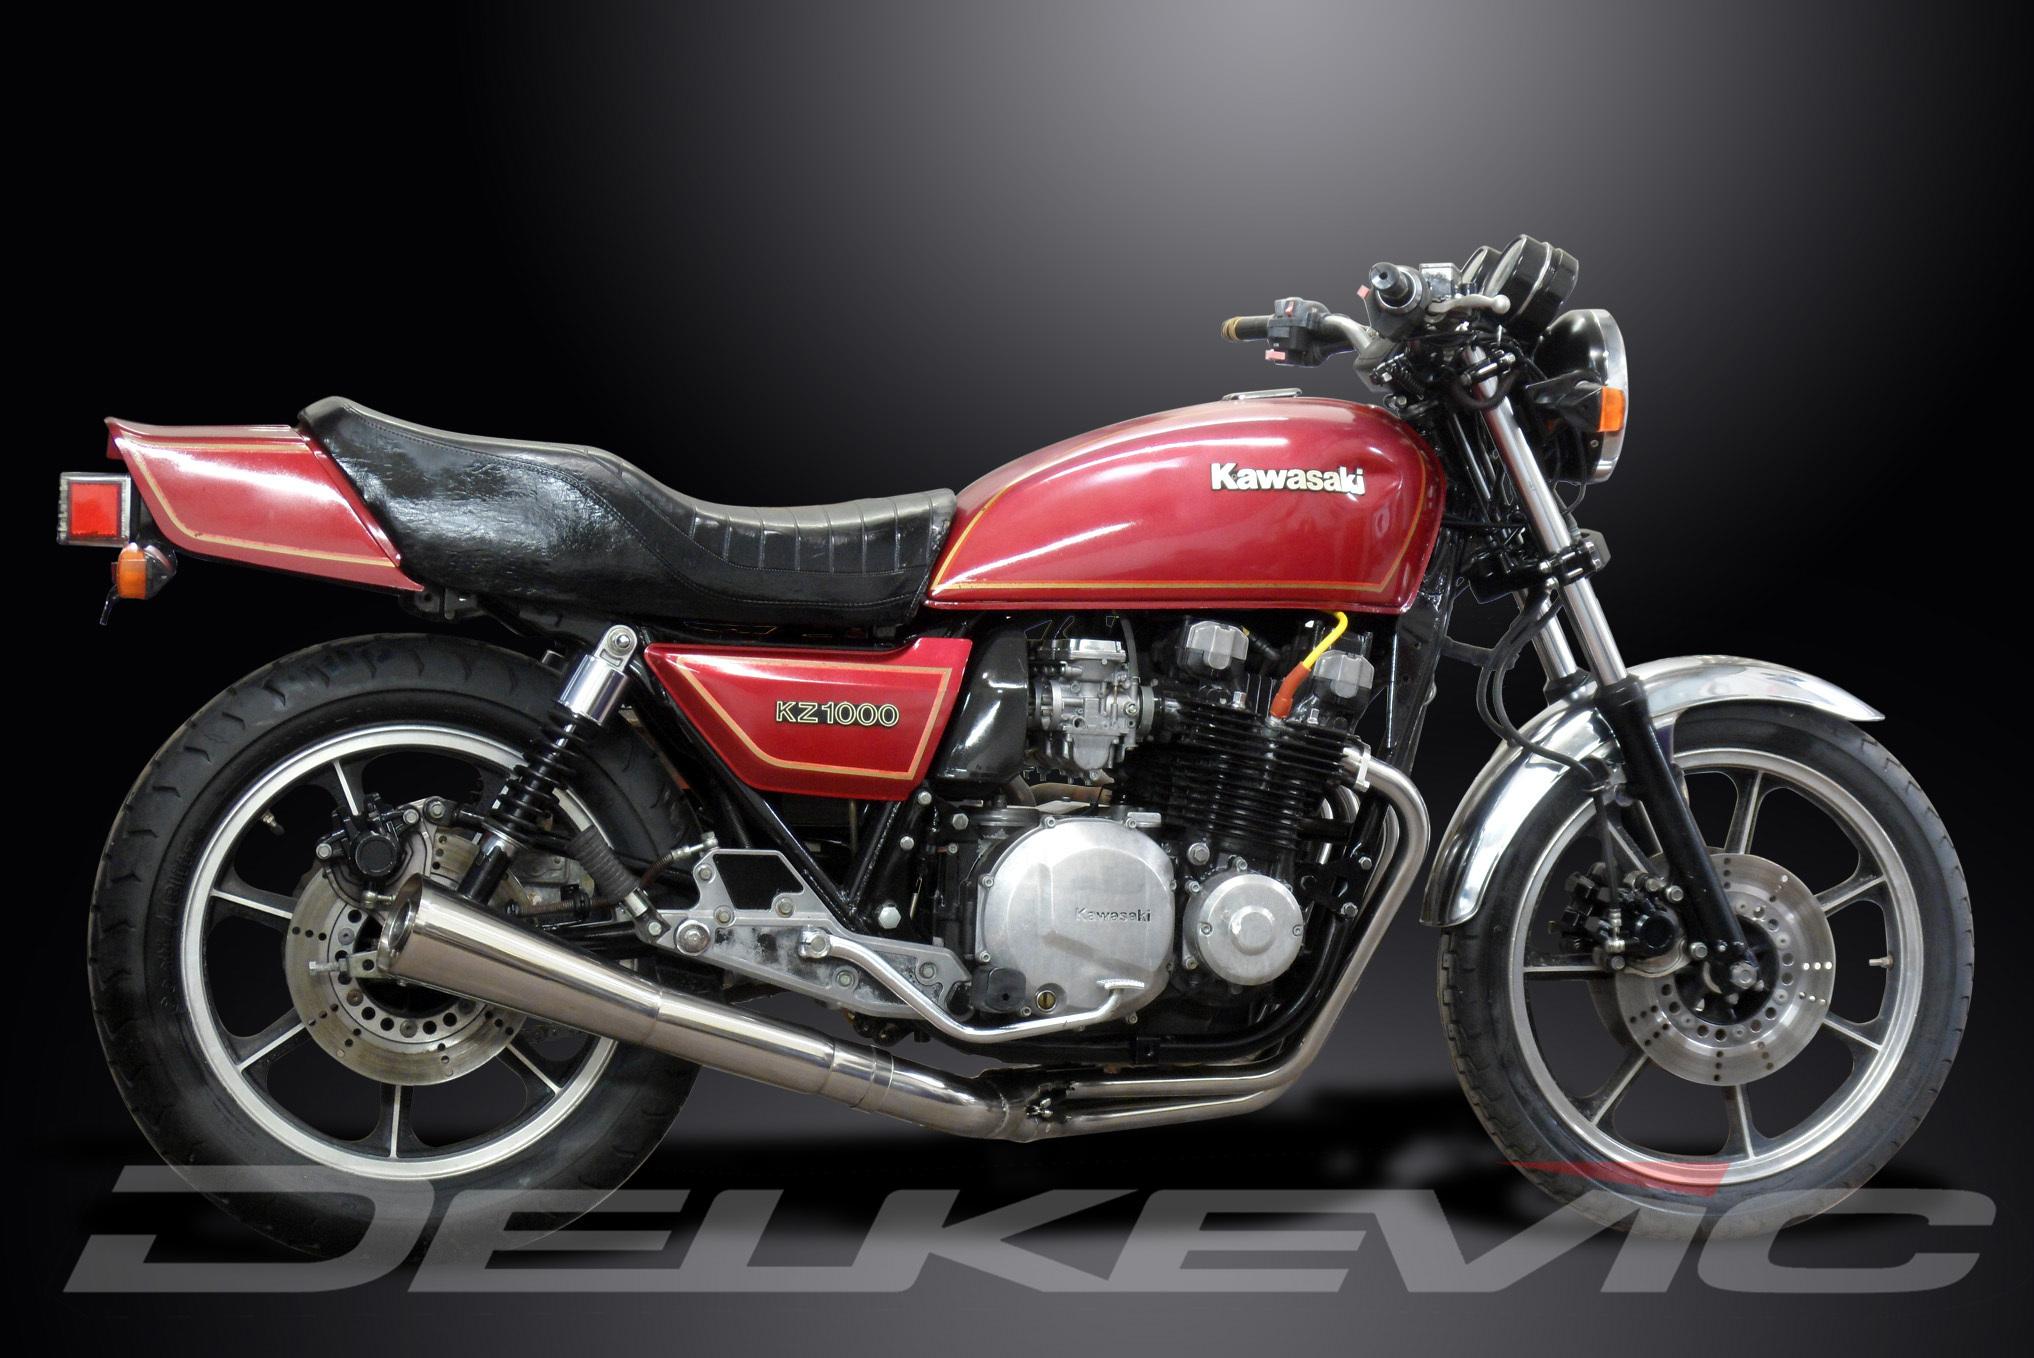 KZ1000 LTD J/K/M CSR